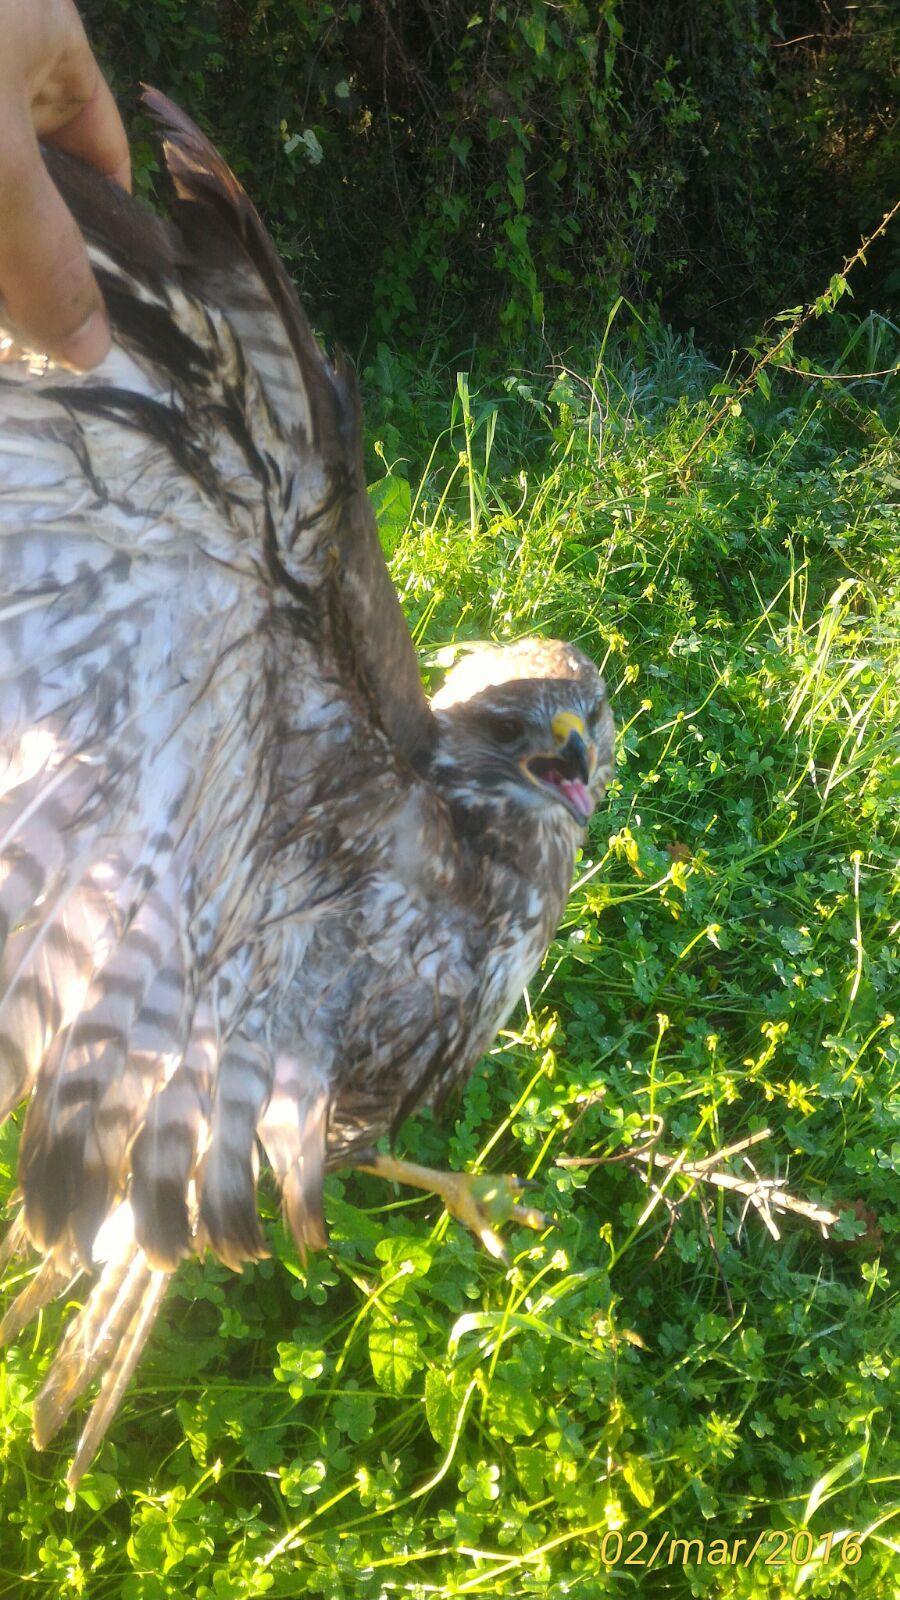 Agropoli, salvato un rapace trovato ferito | FOTO